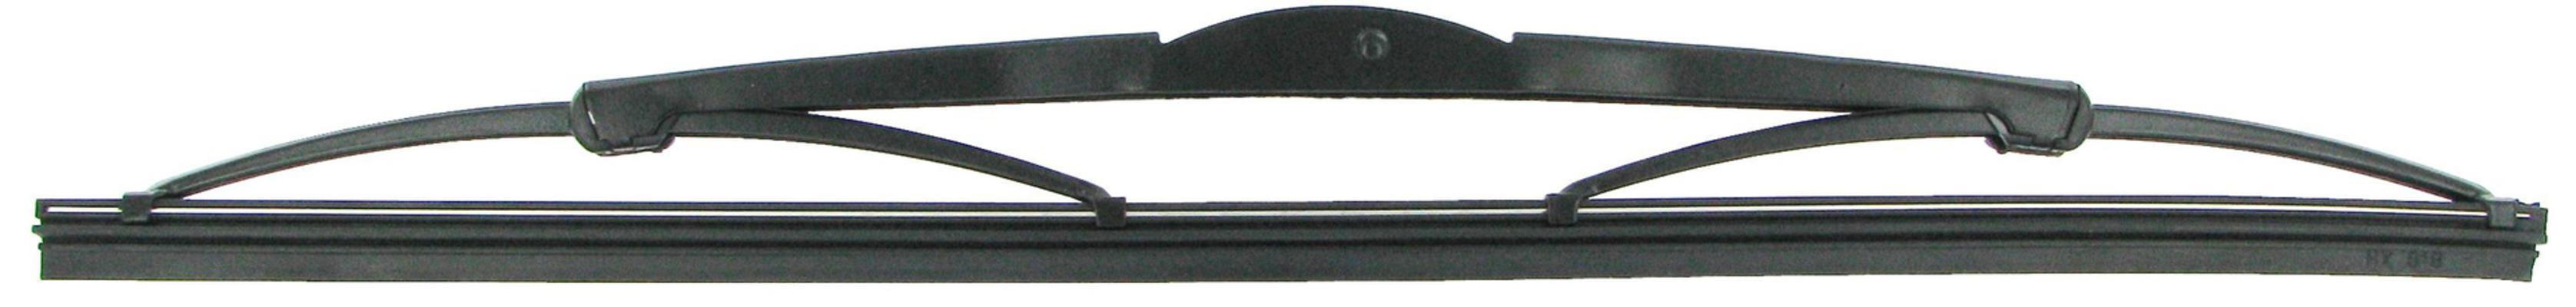 Pyyhkijänsulka, Agriwip - Pyyhkijänsulka, pituus 300 mm